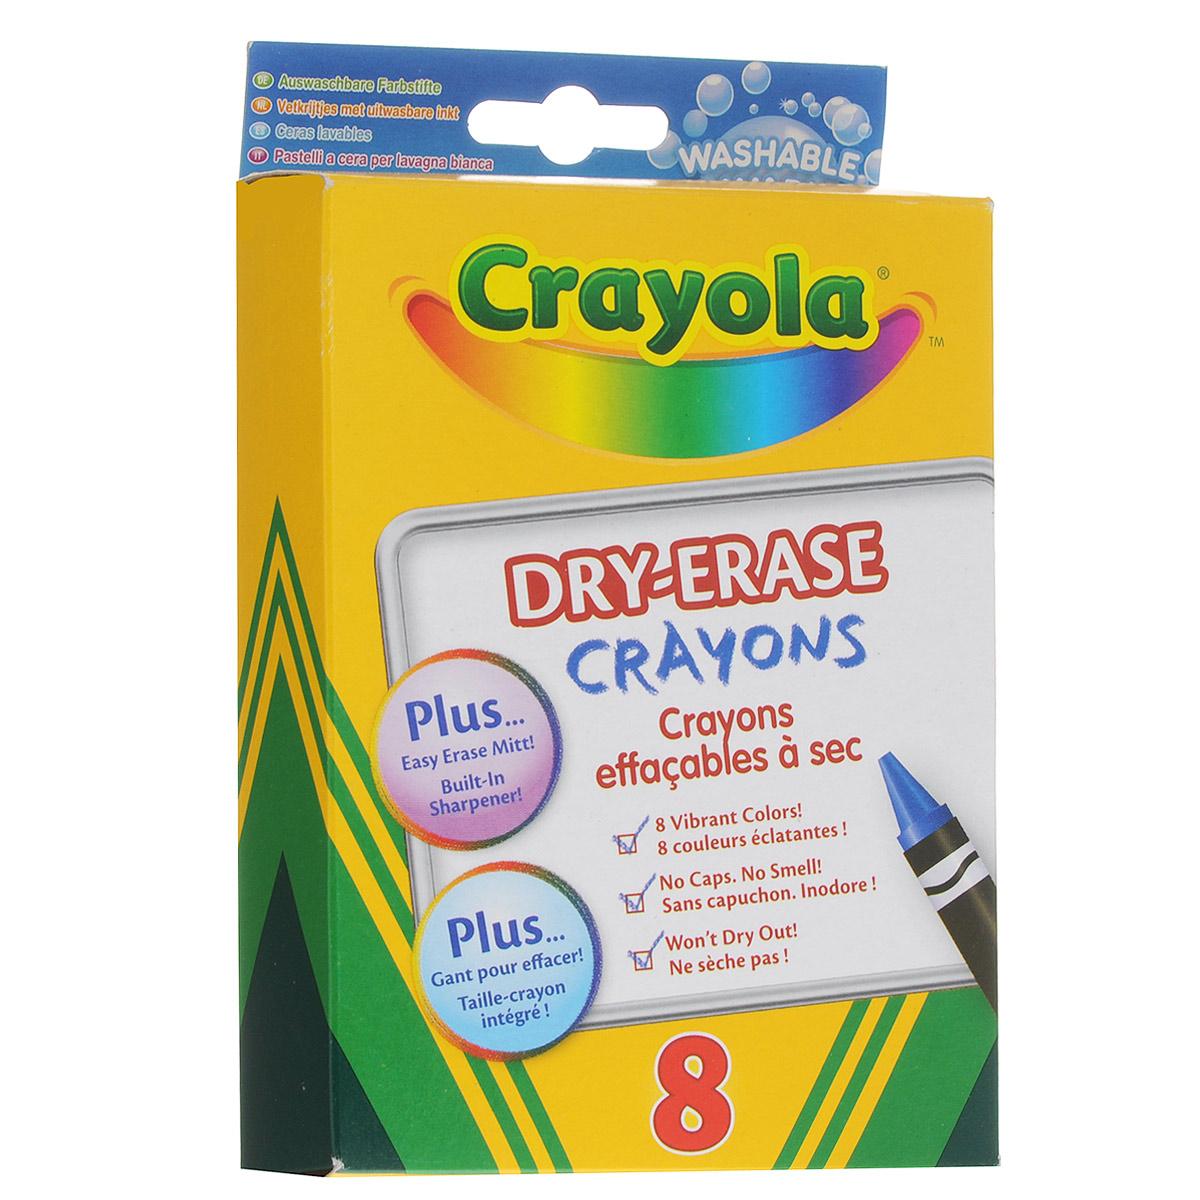 Восковые мелки Crayola Dry-Erase Crayons, 8 цветовFS-36055Восковые мелки Crayola Dry-Erase Crayons созданы специально для самых маленьких художников. Мелки обеспечивают удивительно мягкое письмо, не ломаются, обладают отличными кроющими свойствами. В изготовлении мелков использовались абсолютно безопасные натуральные материалы.Мелки окрашены в яркие, насыщенные цвета, которые так нравятся малышам. Желтый, красный, оранжевый, зеленый, синий, черный, коричневый и фиолетовый - восковые мелки позволят создавать малышу на бумаге самые красочные рисунки. Кроме того, эти мелки с легкостью могут быть смыты с любых поверхностей. Поэтому родителям не придется беспокоиться в моменты, когда их ребенок захочет проявить во всю свою творческую натуру! В комплект также входит текстильный платочек черного цвета. Восковые мелки Crayola Dry-Erase Crayons помогают малышам развить мелкую моторику ручек, координацию движений, воображение и творческое мышления, стимулируют цветовое восприятие, а также способствуют самовыражению.